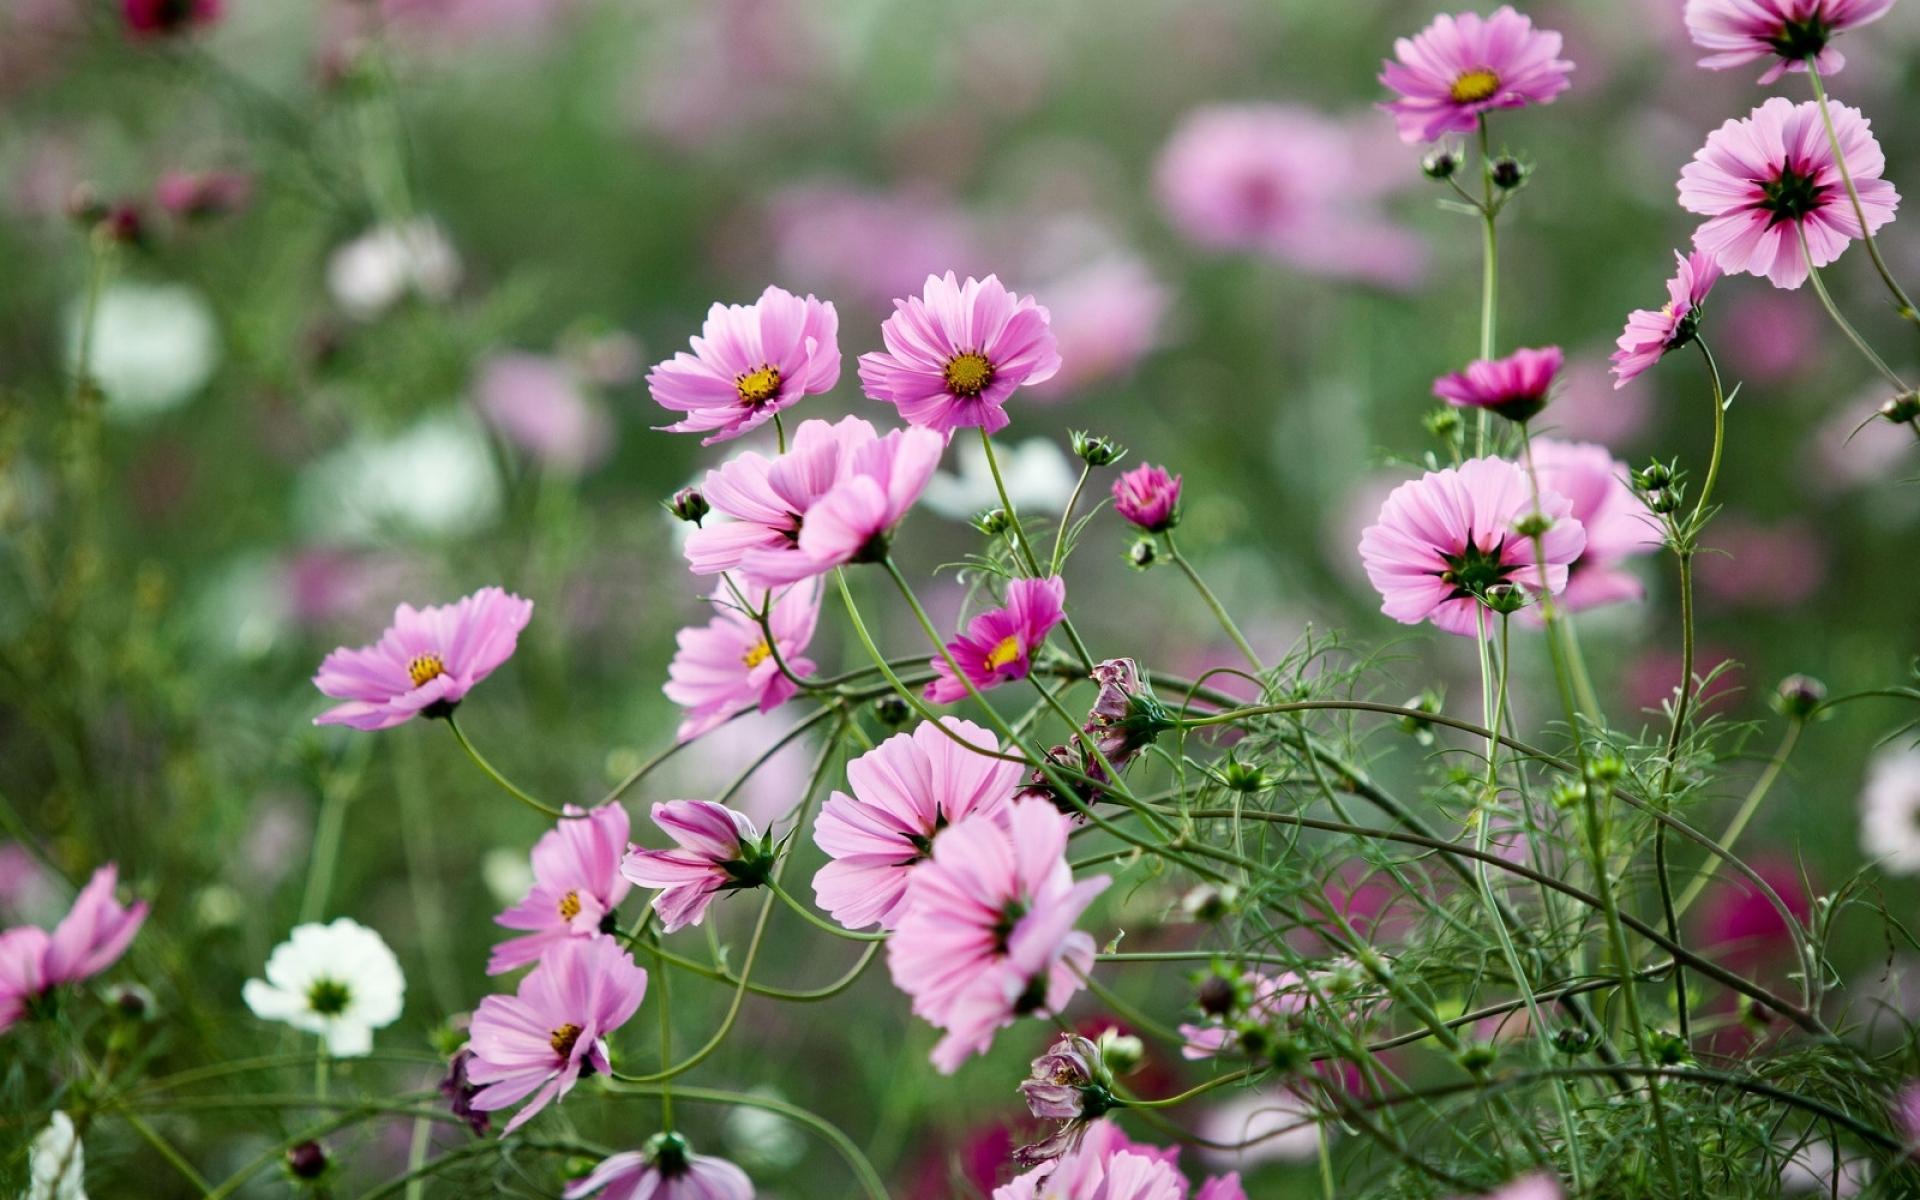 Картинки Космея, цветы, травы, клумба, острота фото и обои на рабочий стол